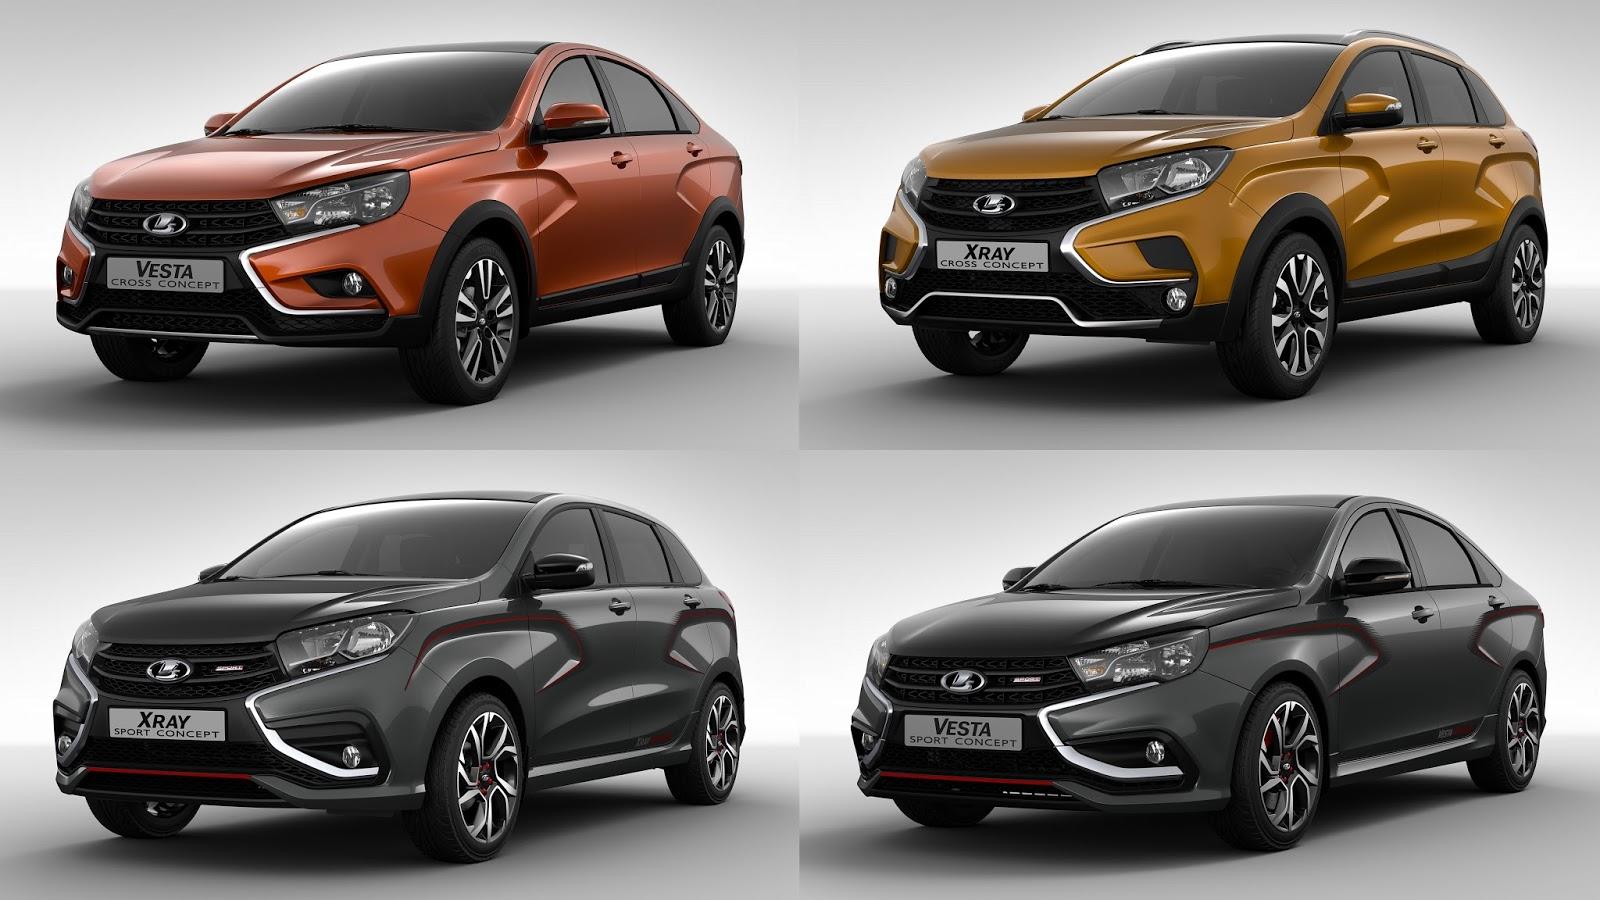 La familia del futuro lada presenta cinco versiones for Lada 09 salon